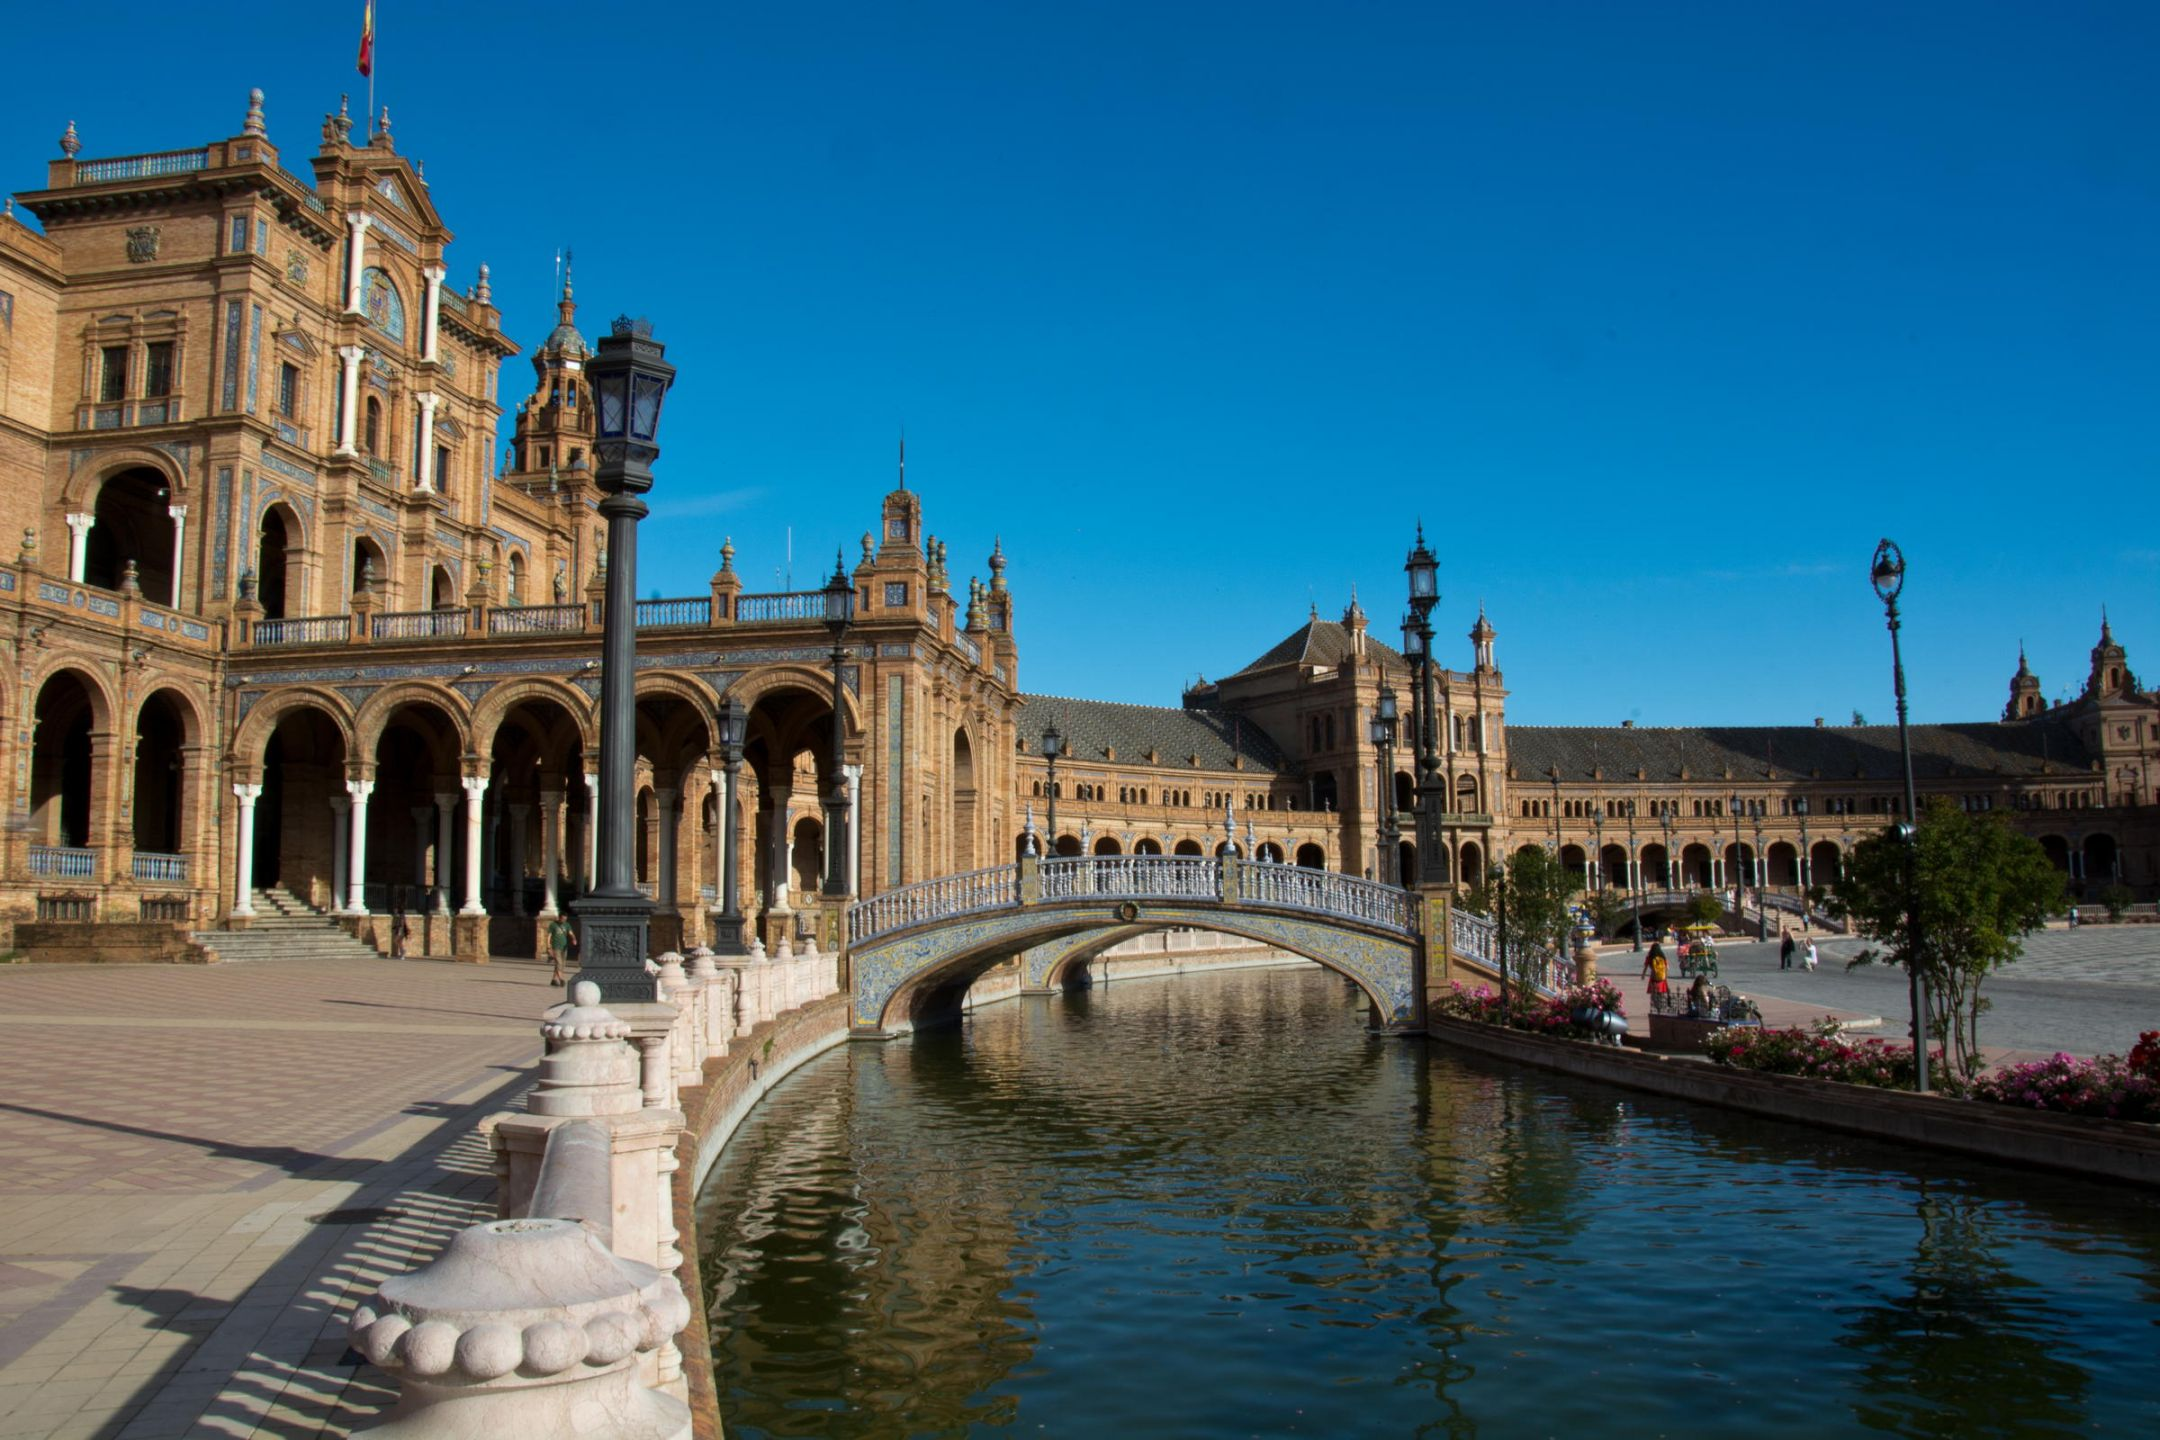 Το Βασίλειο της Ισπανίας είναι κράτος της νοτιοδυτικής Ευρώπης, που καταλαμβάνει το μεγαλύτερο μέρος της Ιβηρικής χερσονήσου. Πολιτισμικά η Ισπανία χαρακτηρίζεται από την ύπαρξη διάφορων πολιτισμικών παραδόσεων που προέκυψαν λόγω της διαφορετικής ιστορικής εξέλιξης των εδαφών της.